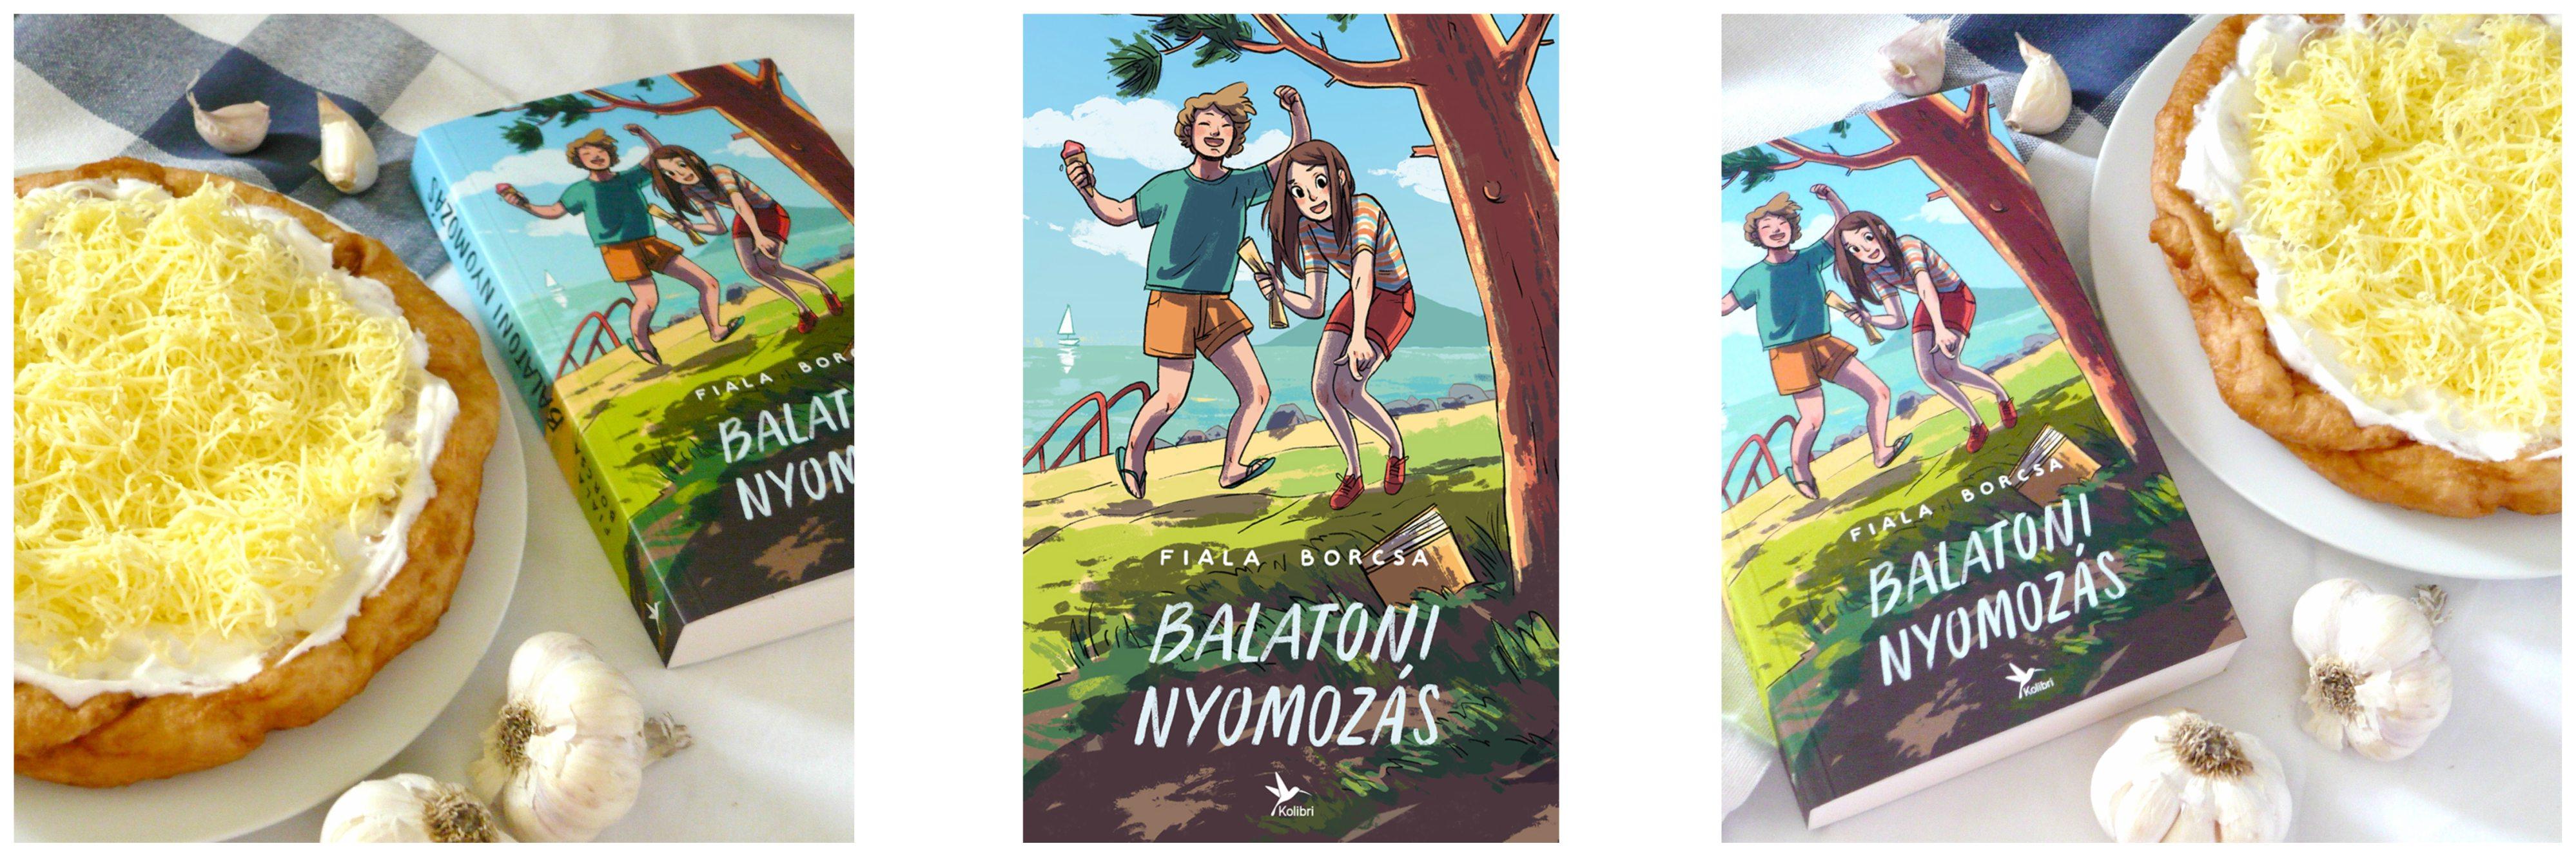 balatoni_nyomozas.jpg